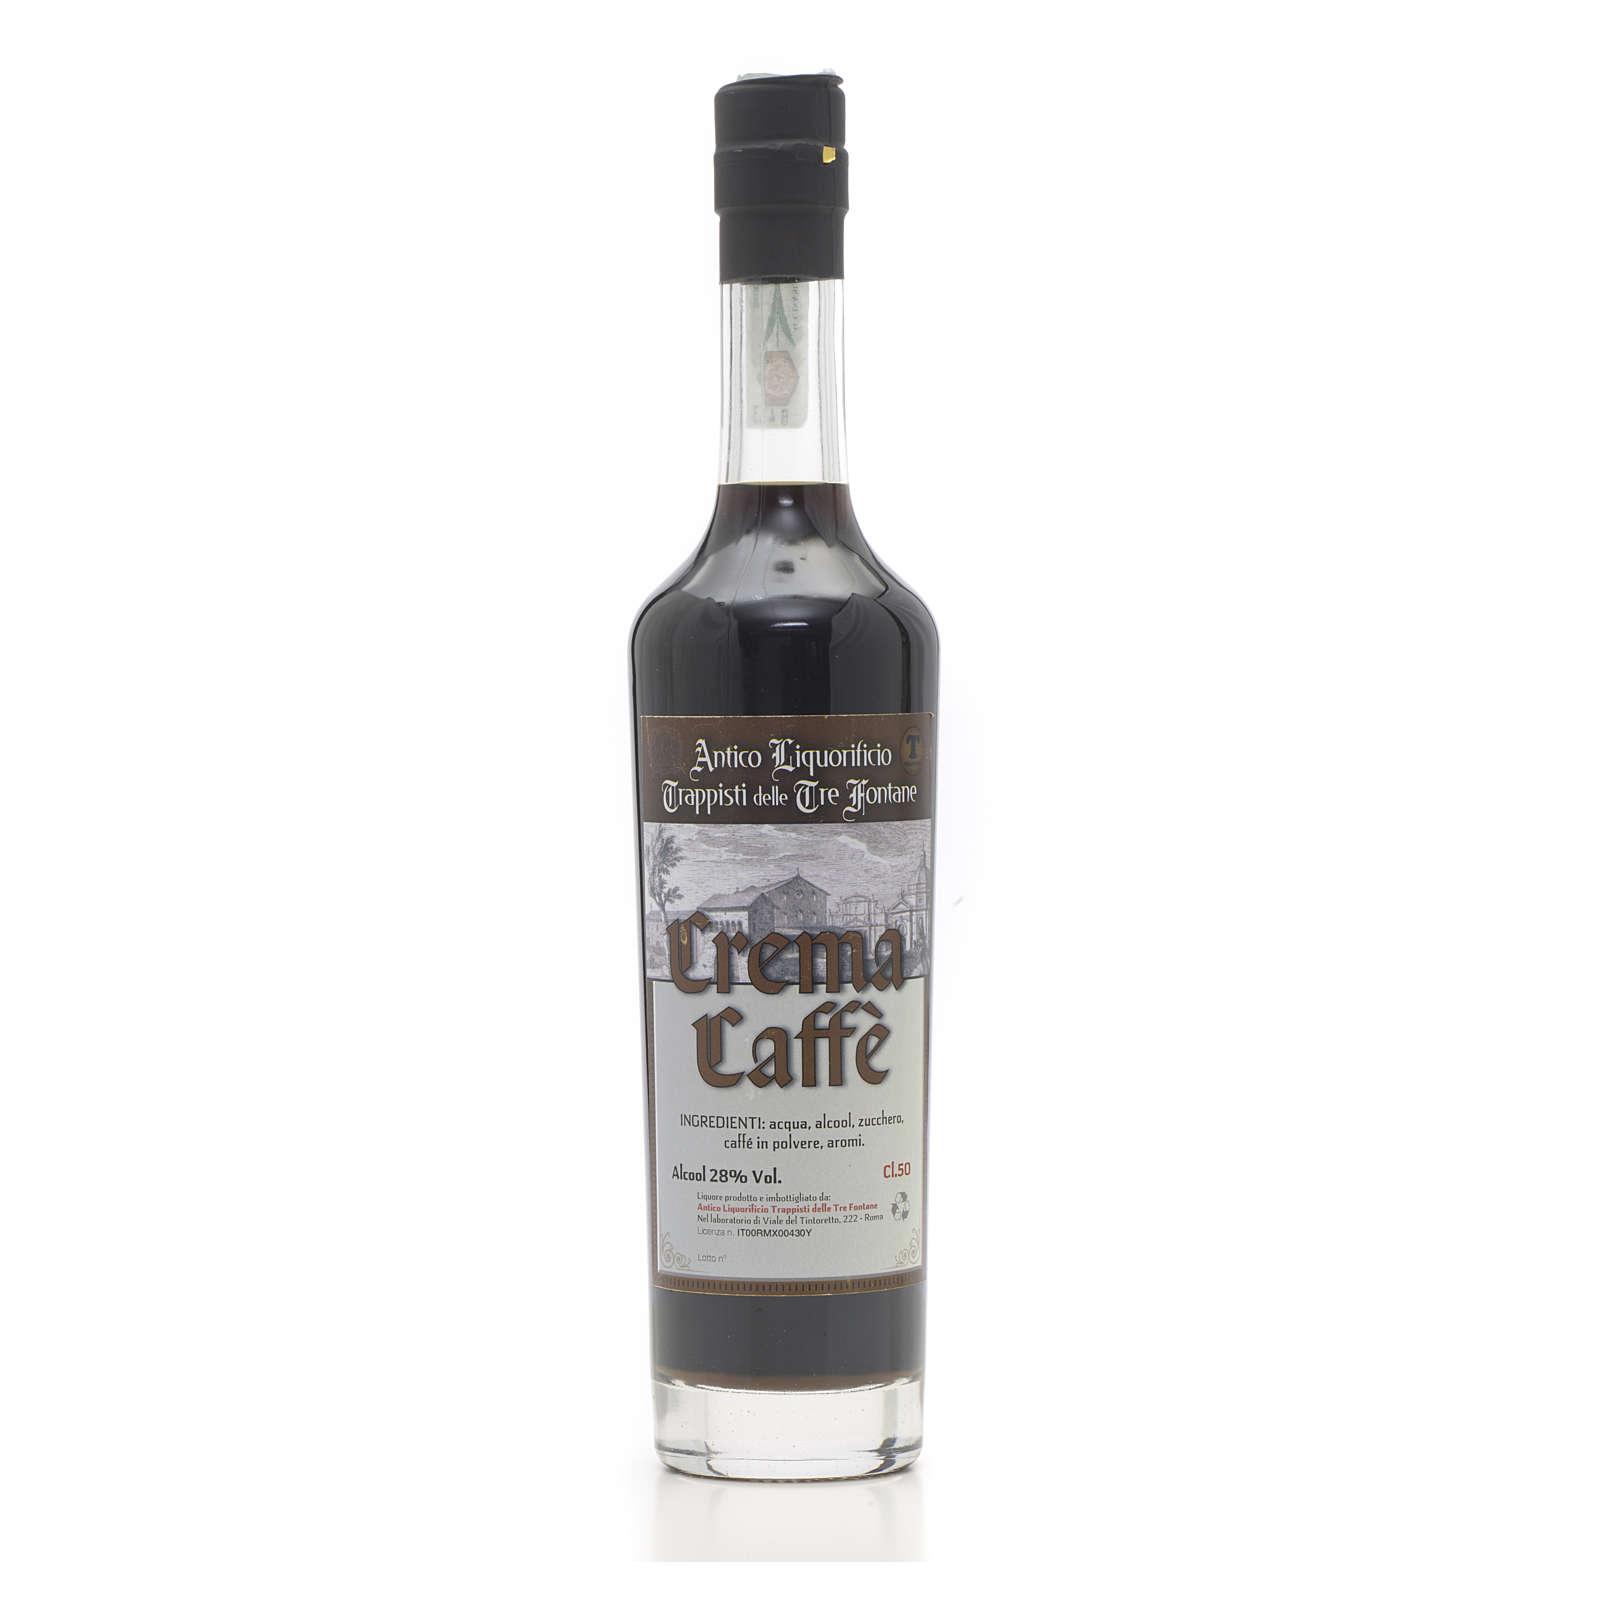 Crema de café 3